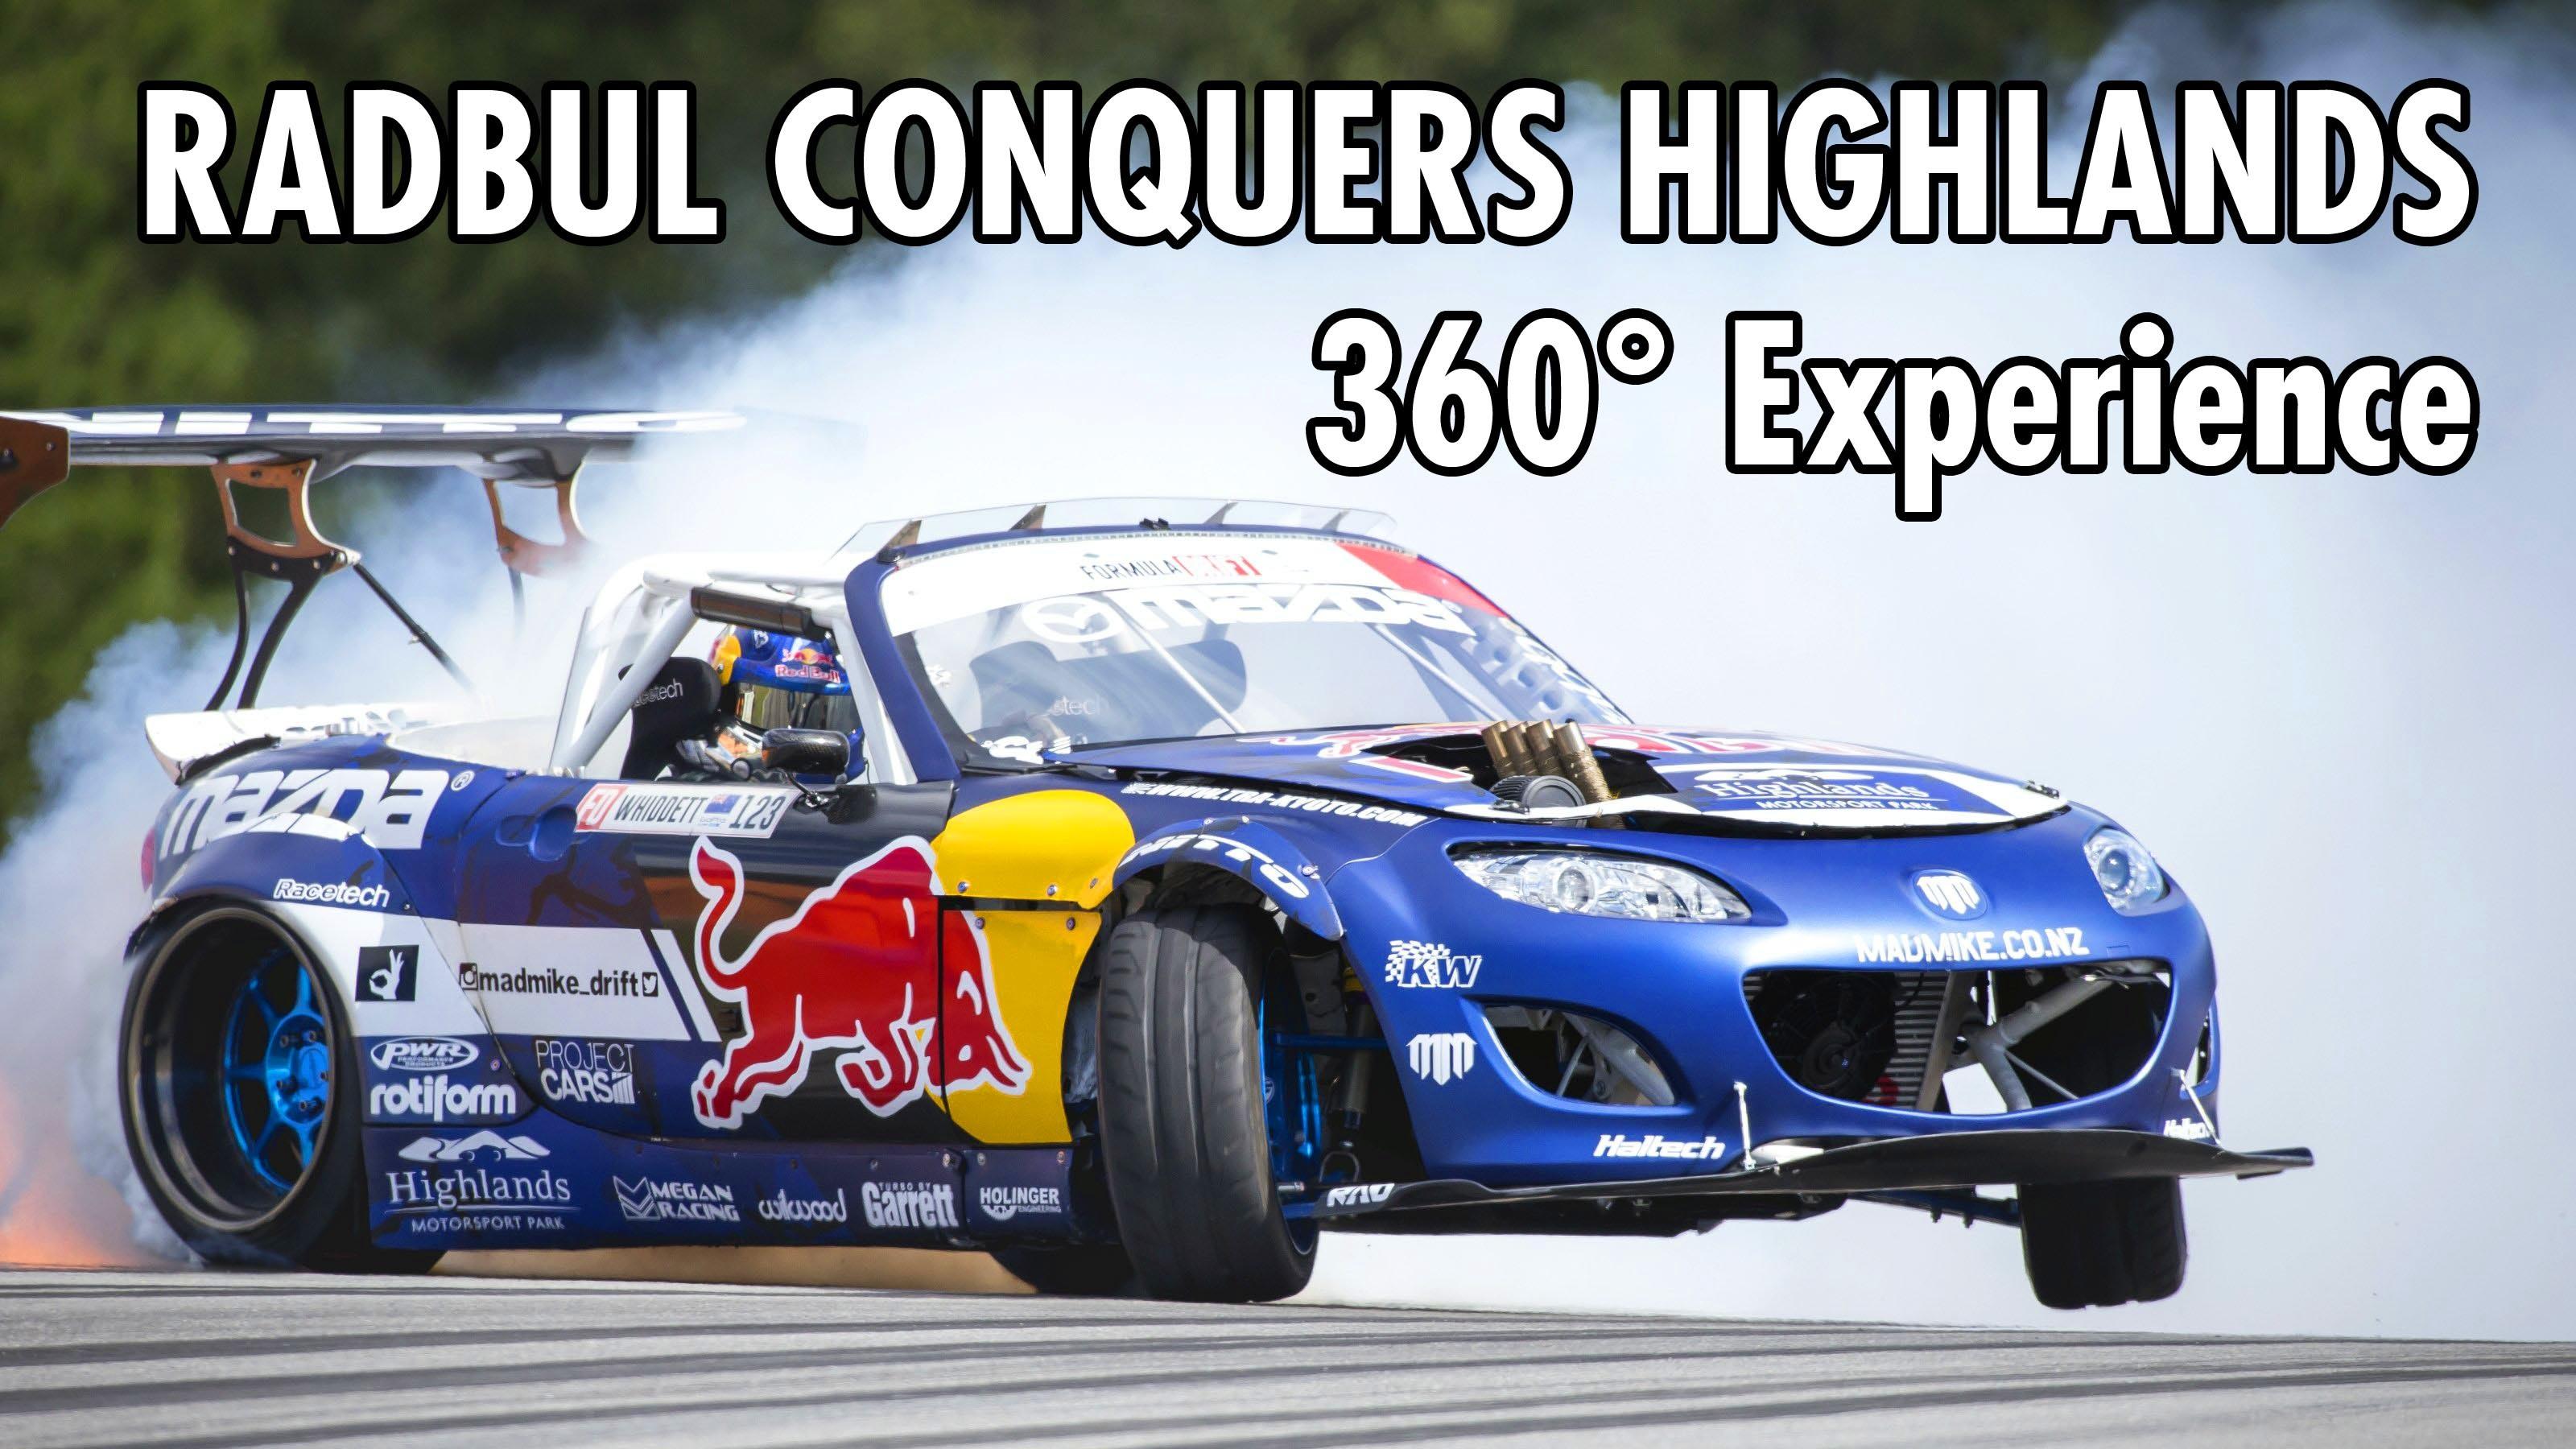 1500 Hp Drift Miata